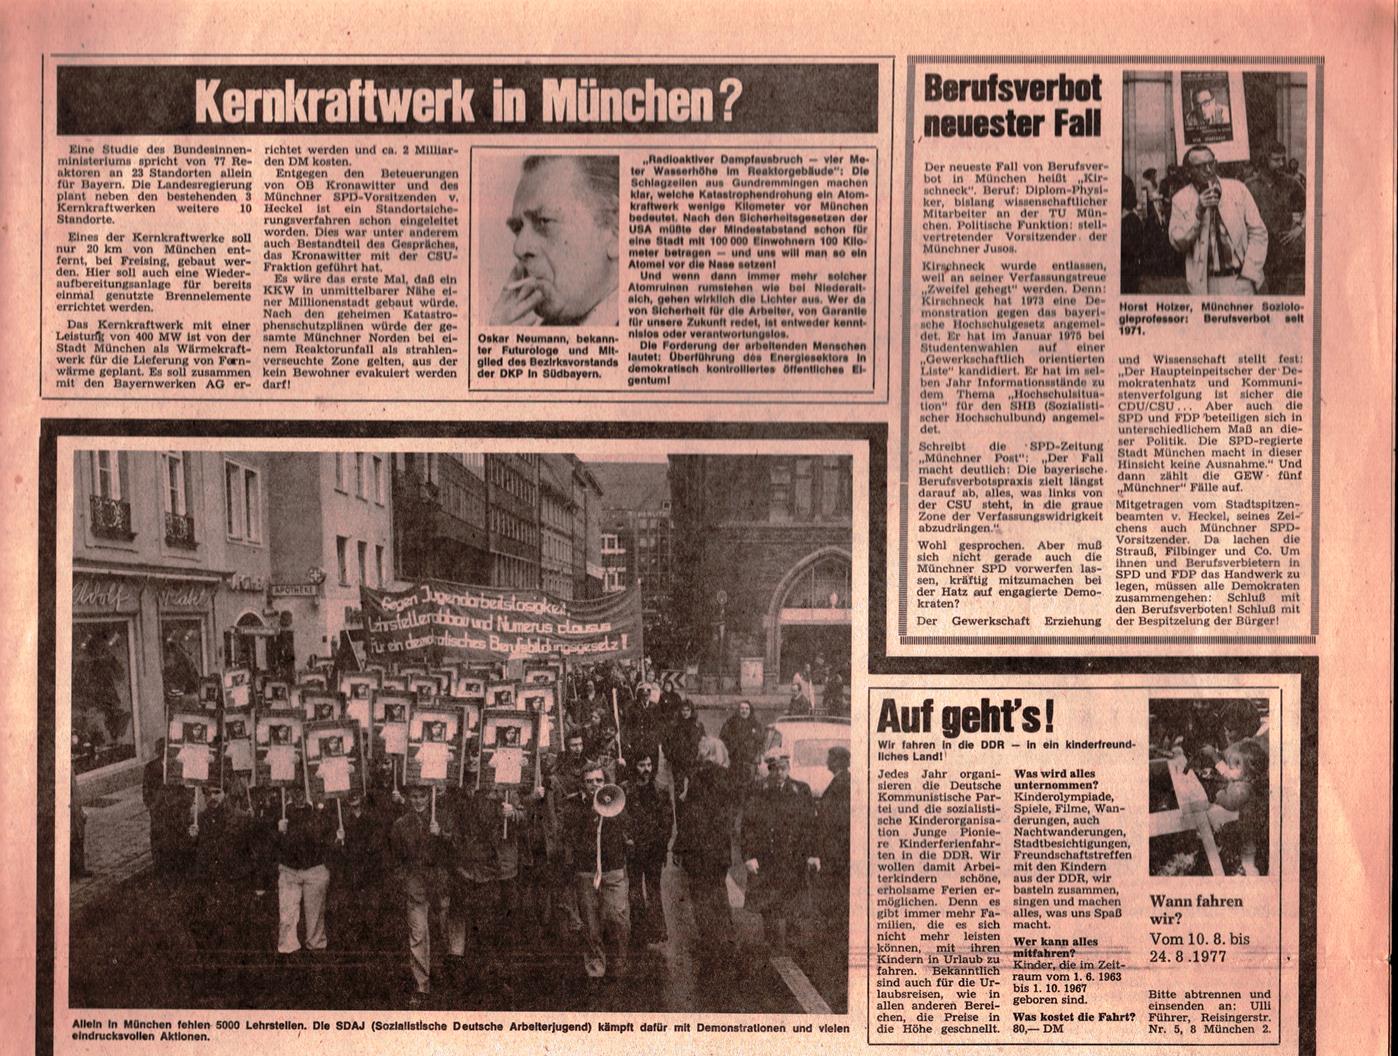 Muenchen_DKP_Neues_Muenchen_19770300_003_005